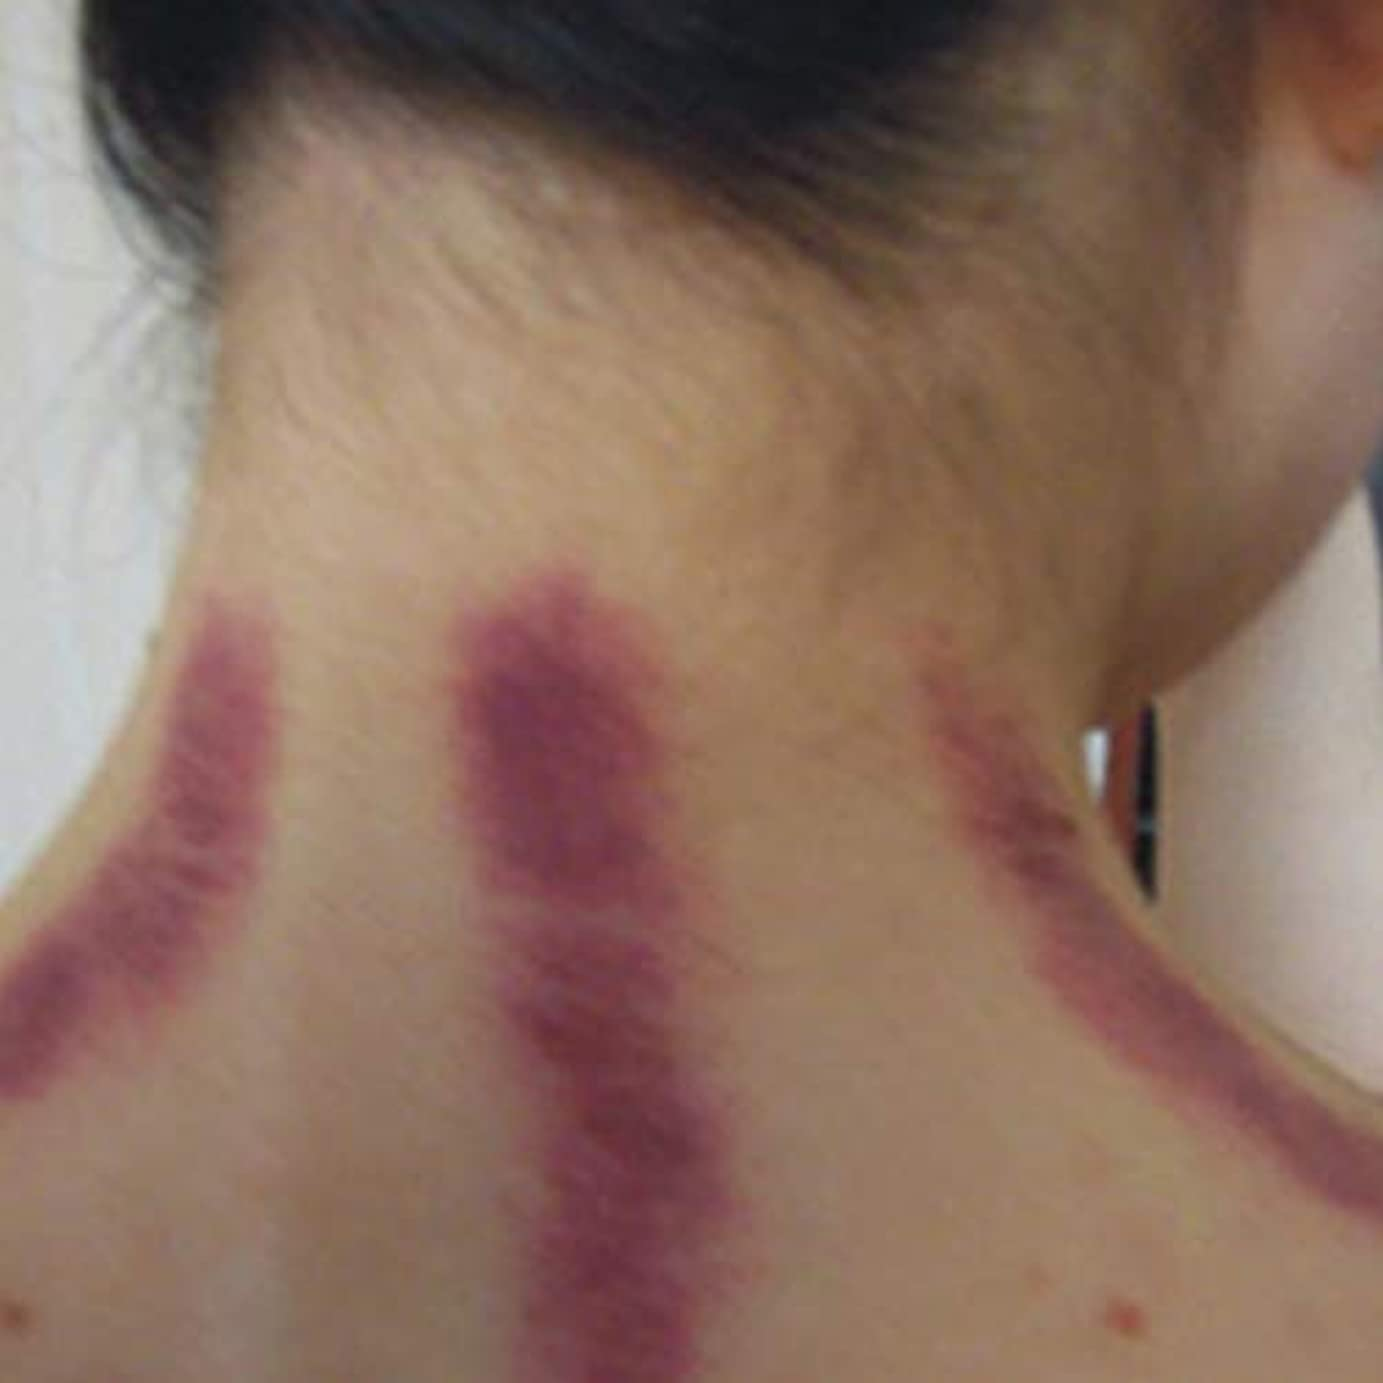 バックアップまろやかなホールドCompact Size Gua Sha Facial Treatment Massage Tool Imitation horn scraping